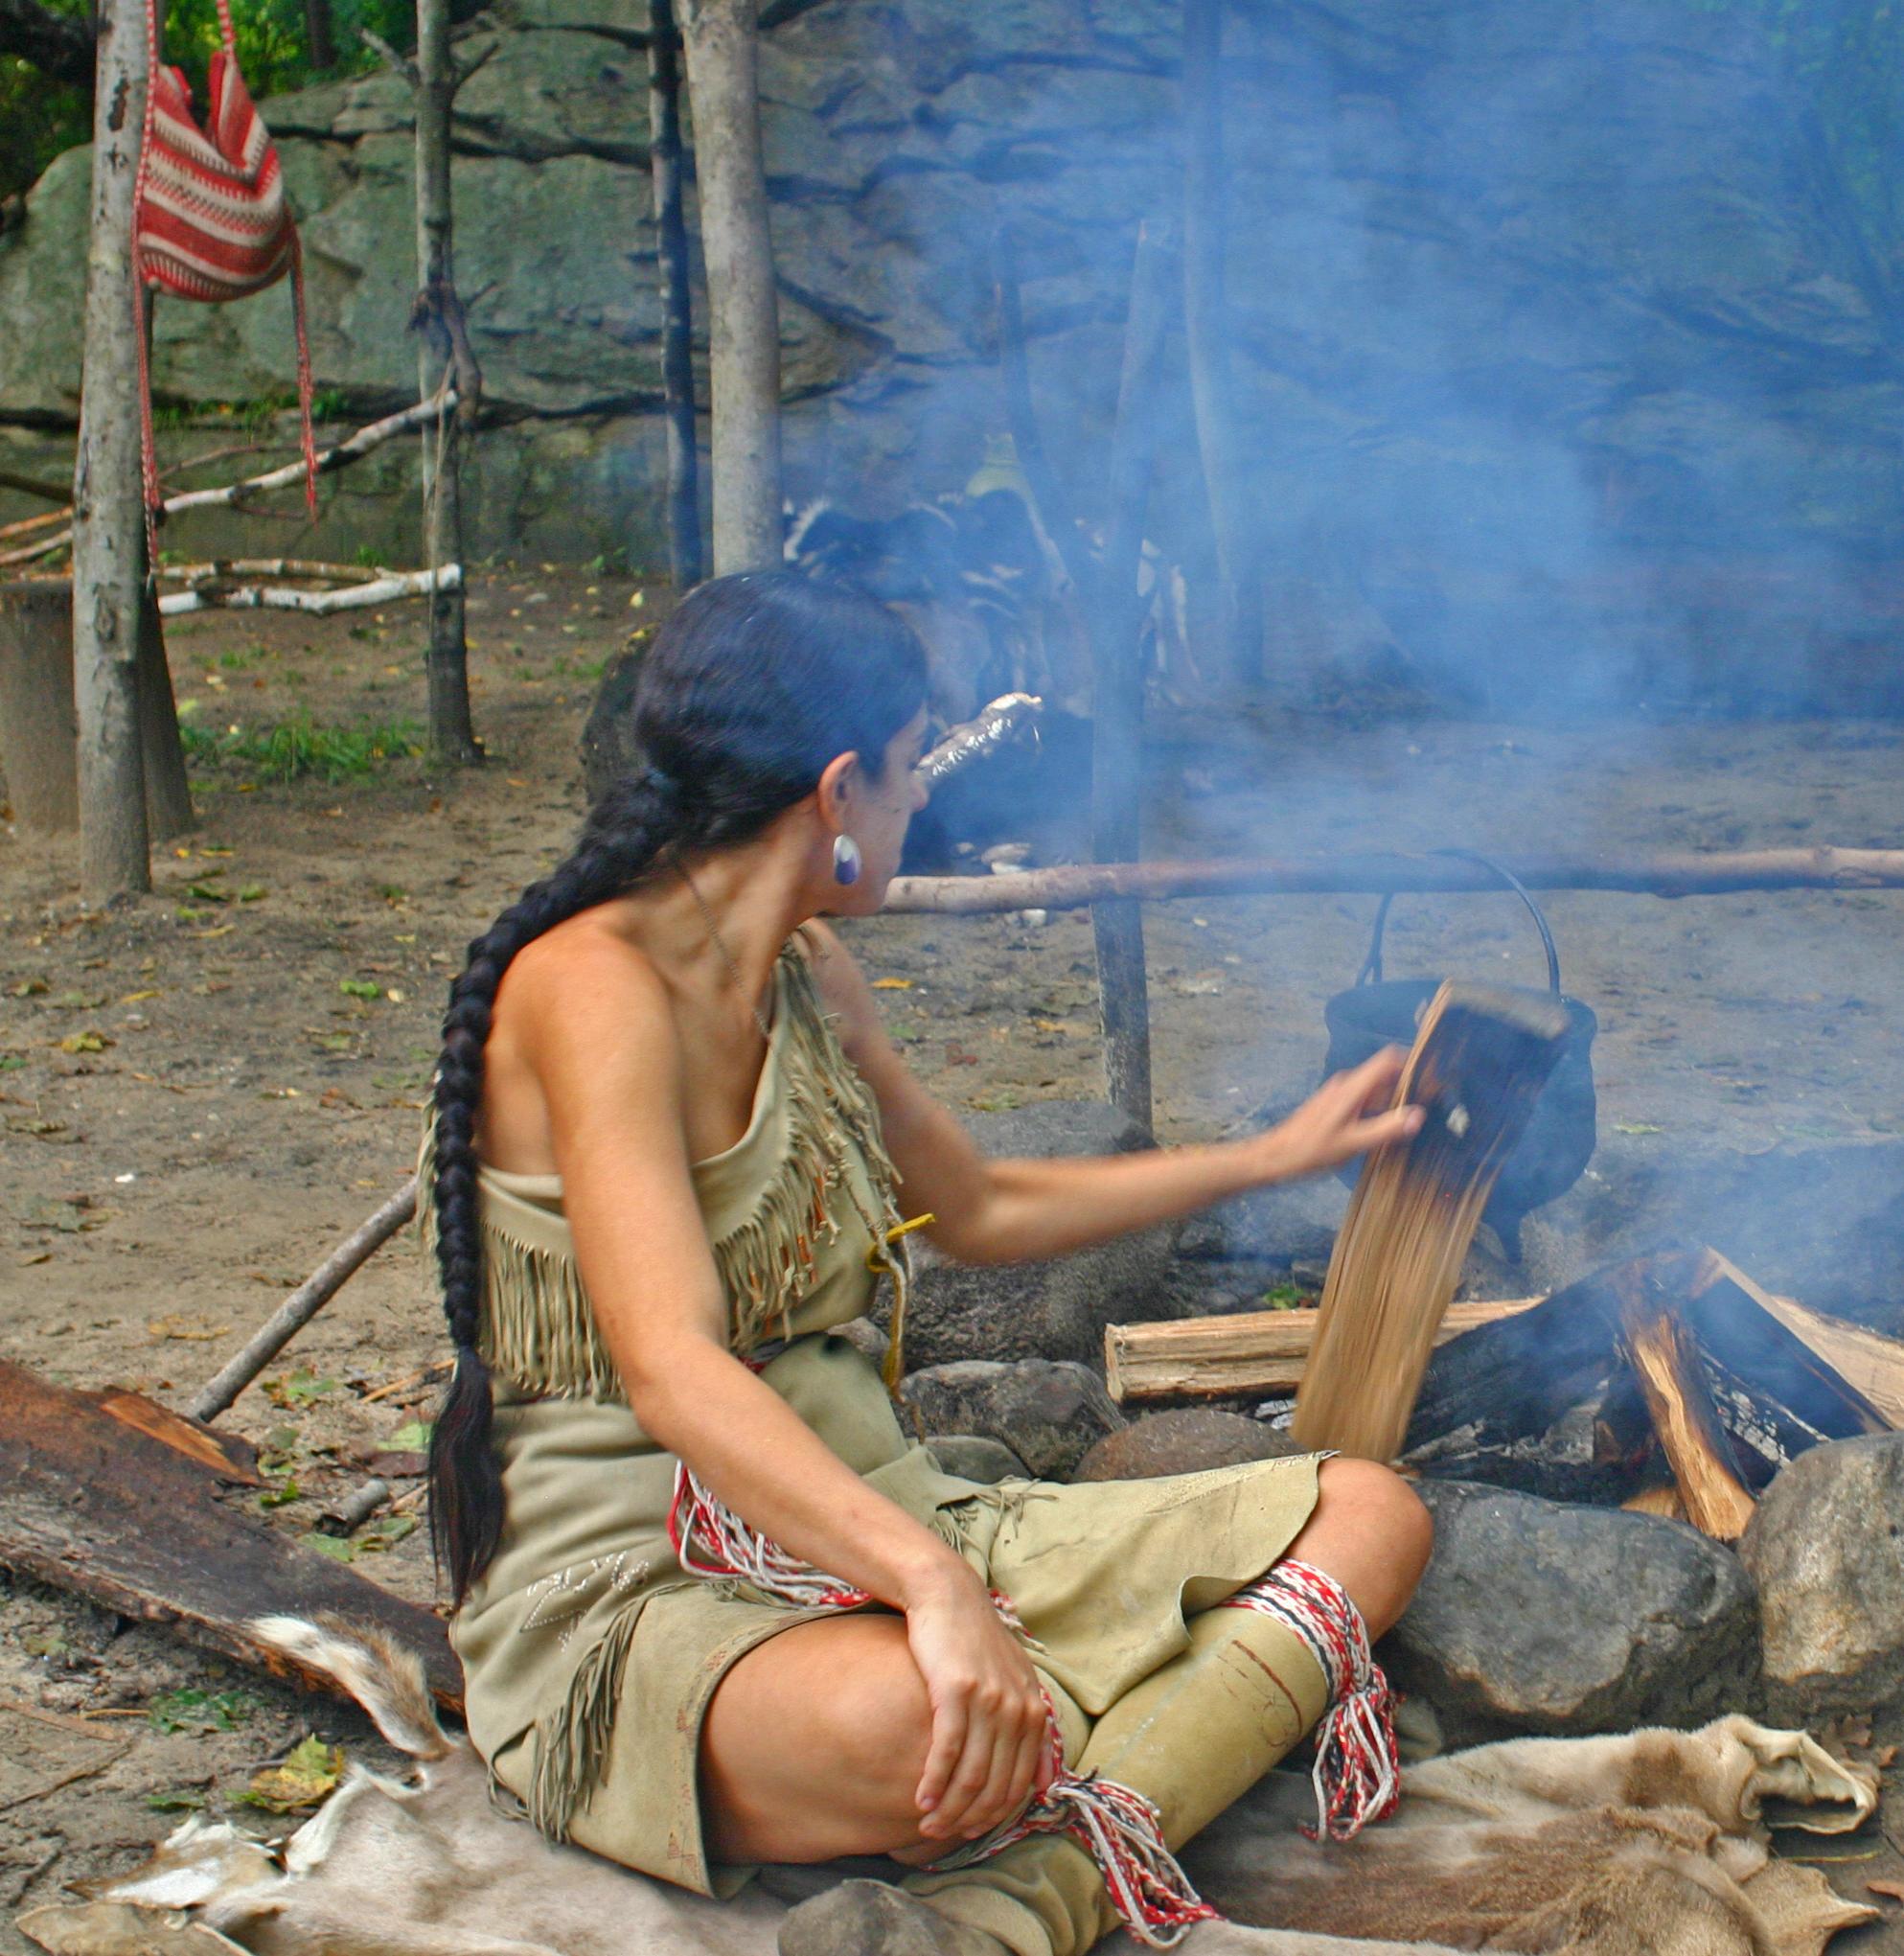 Plimoth Indian Village